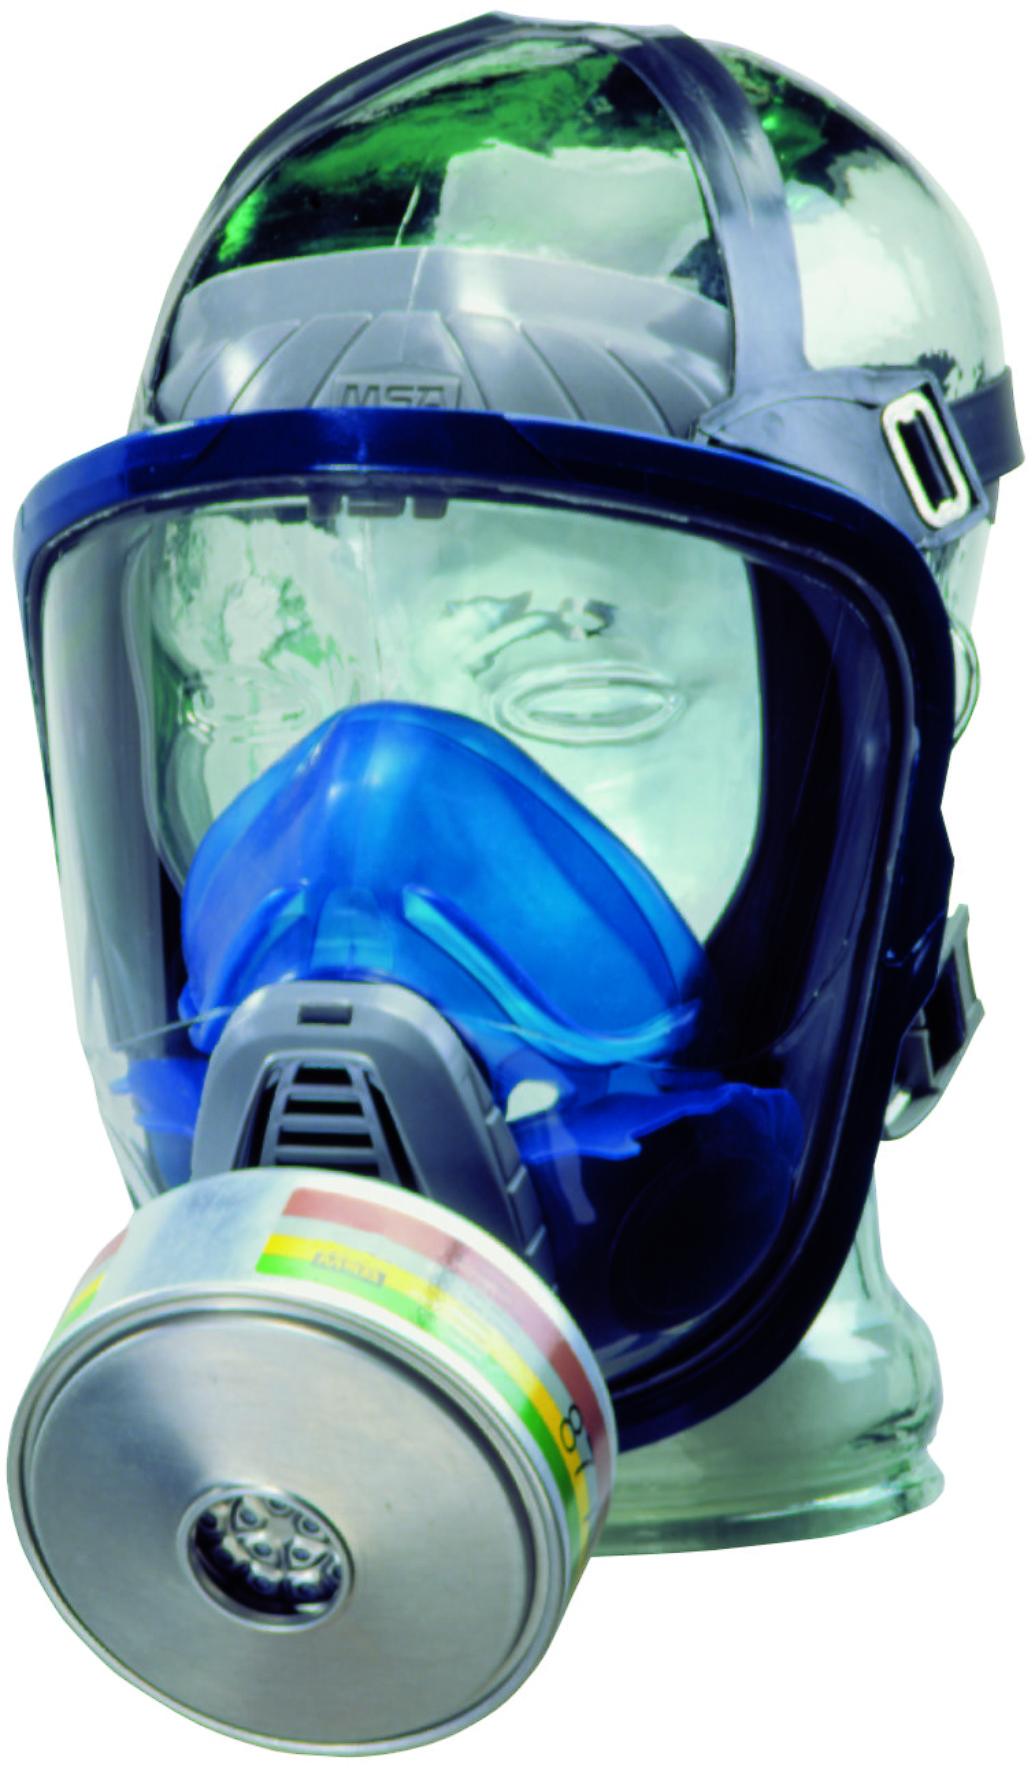 Le dernier masque MSA Advantage 3000 représente la nouvelle génération des masques complets : allian...